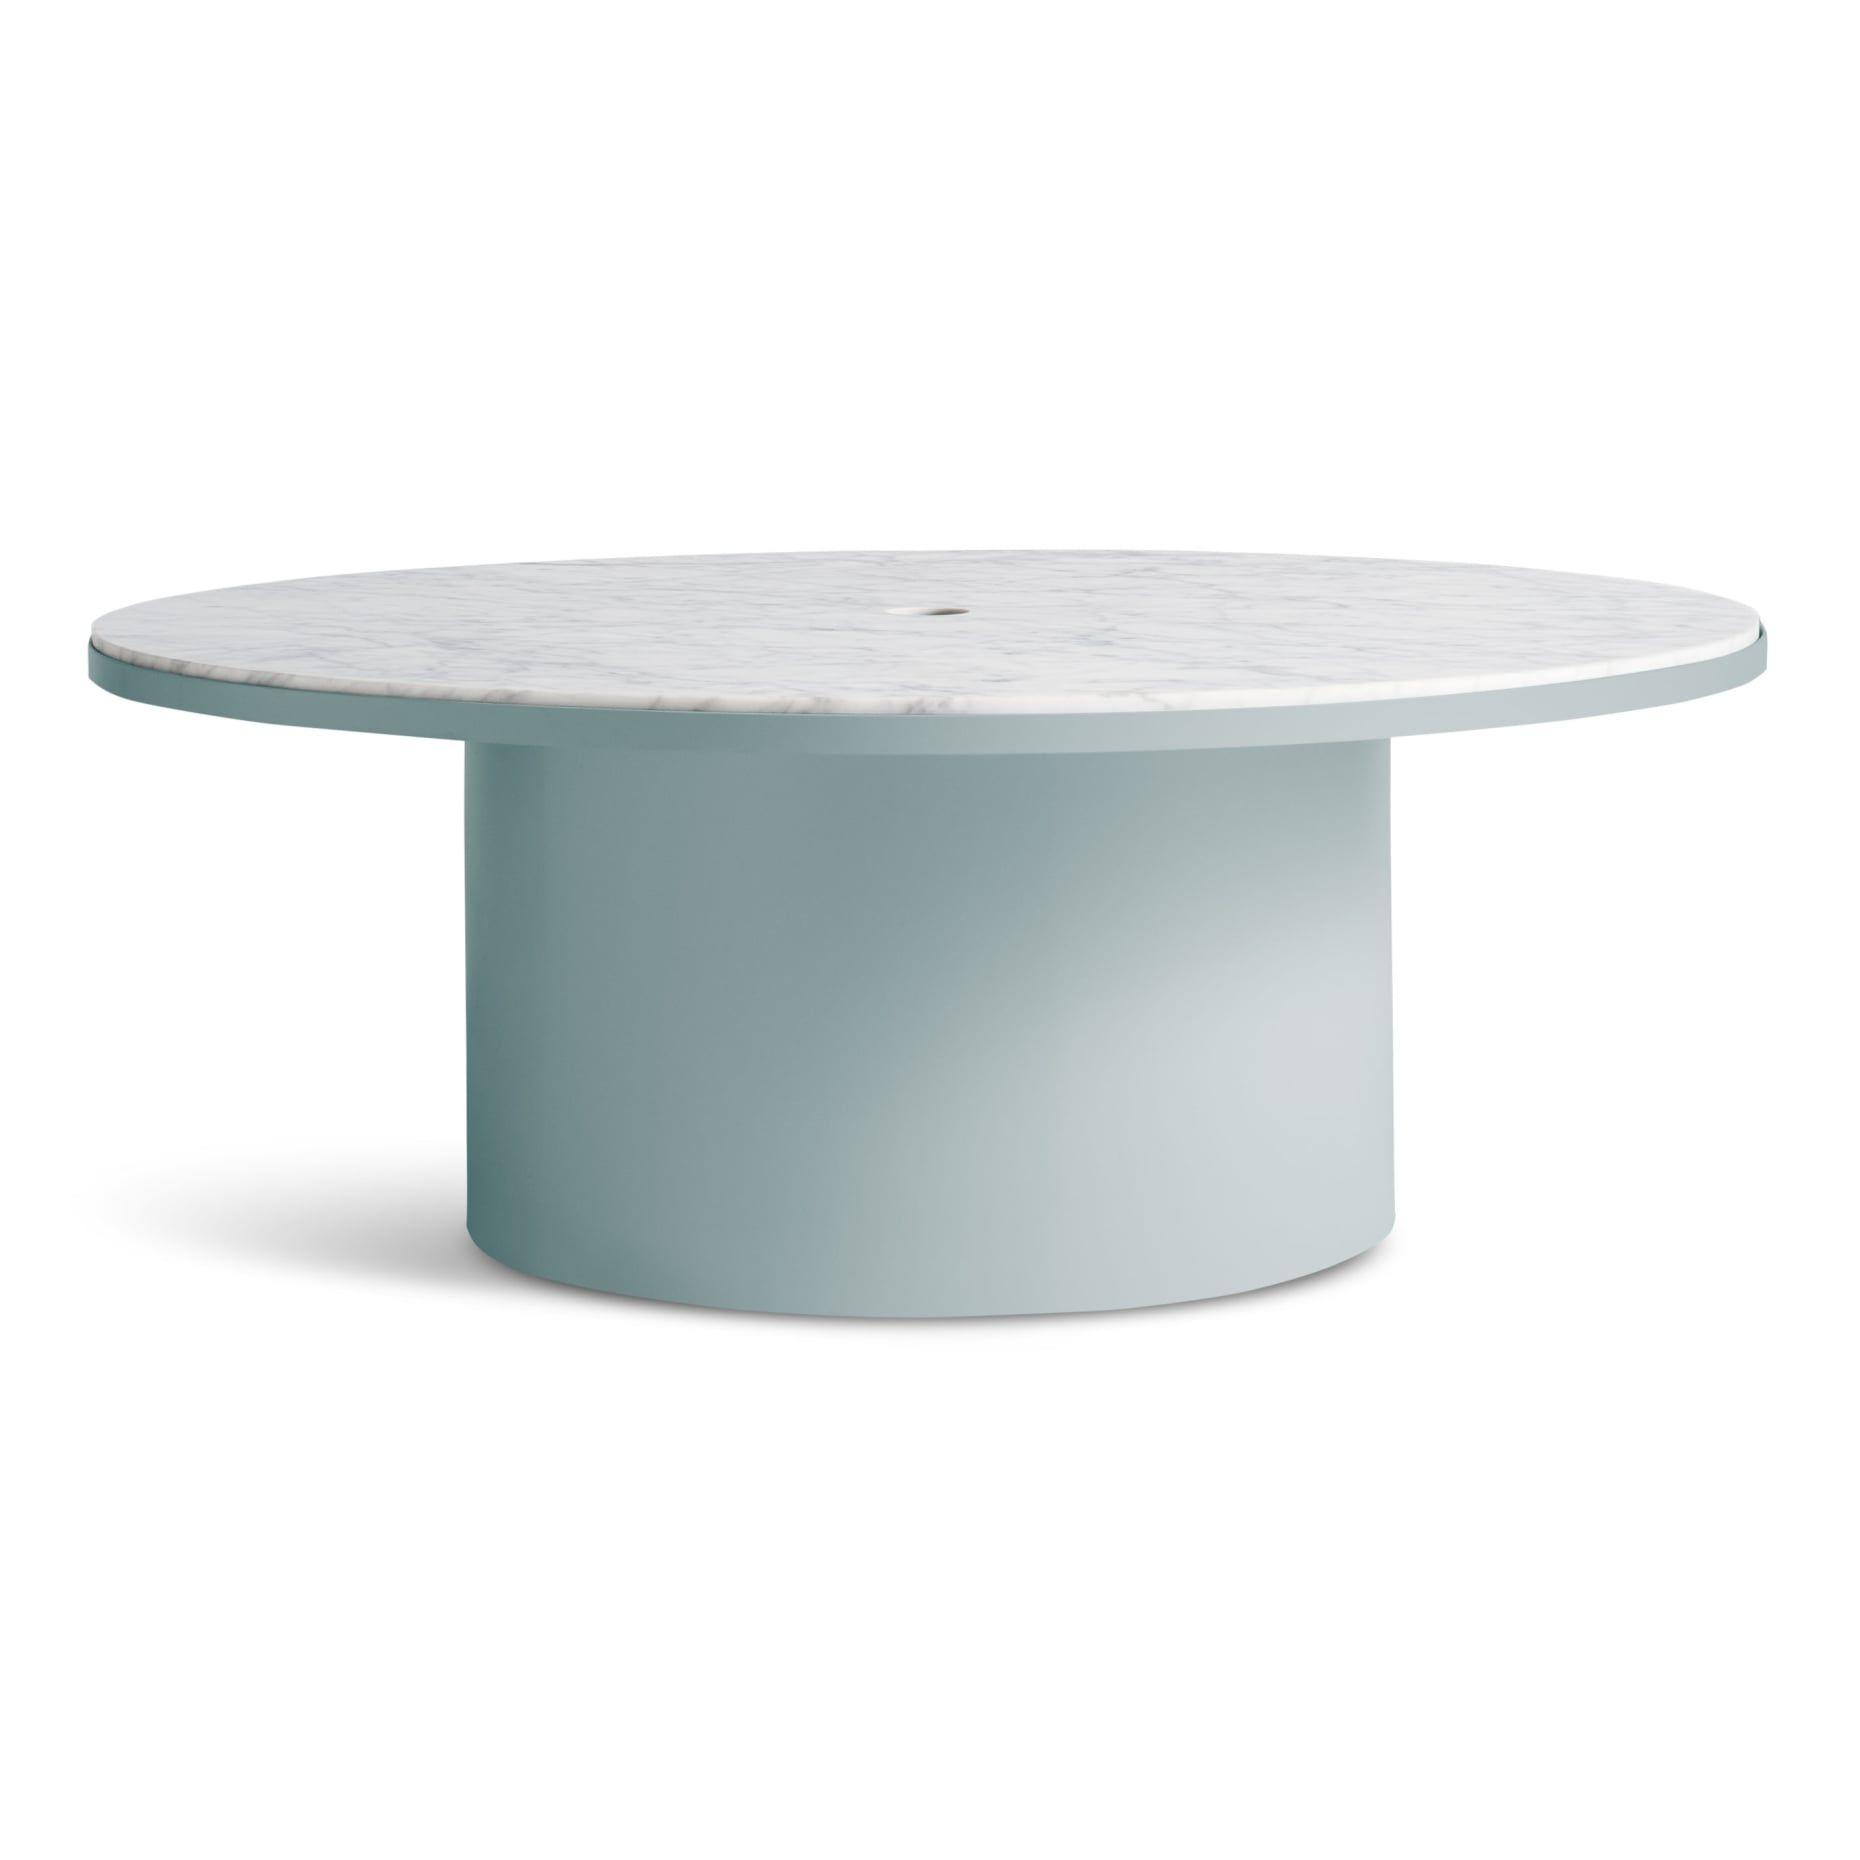 Circula Large Coffee Table Pedestal Coffee Table Round Coffee Table Modern Large Coffee Tables